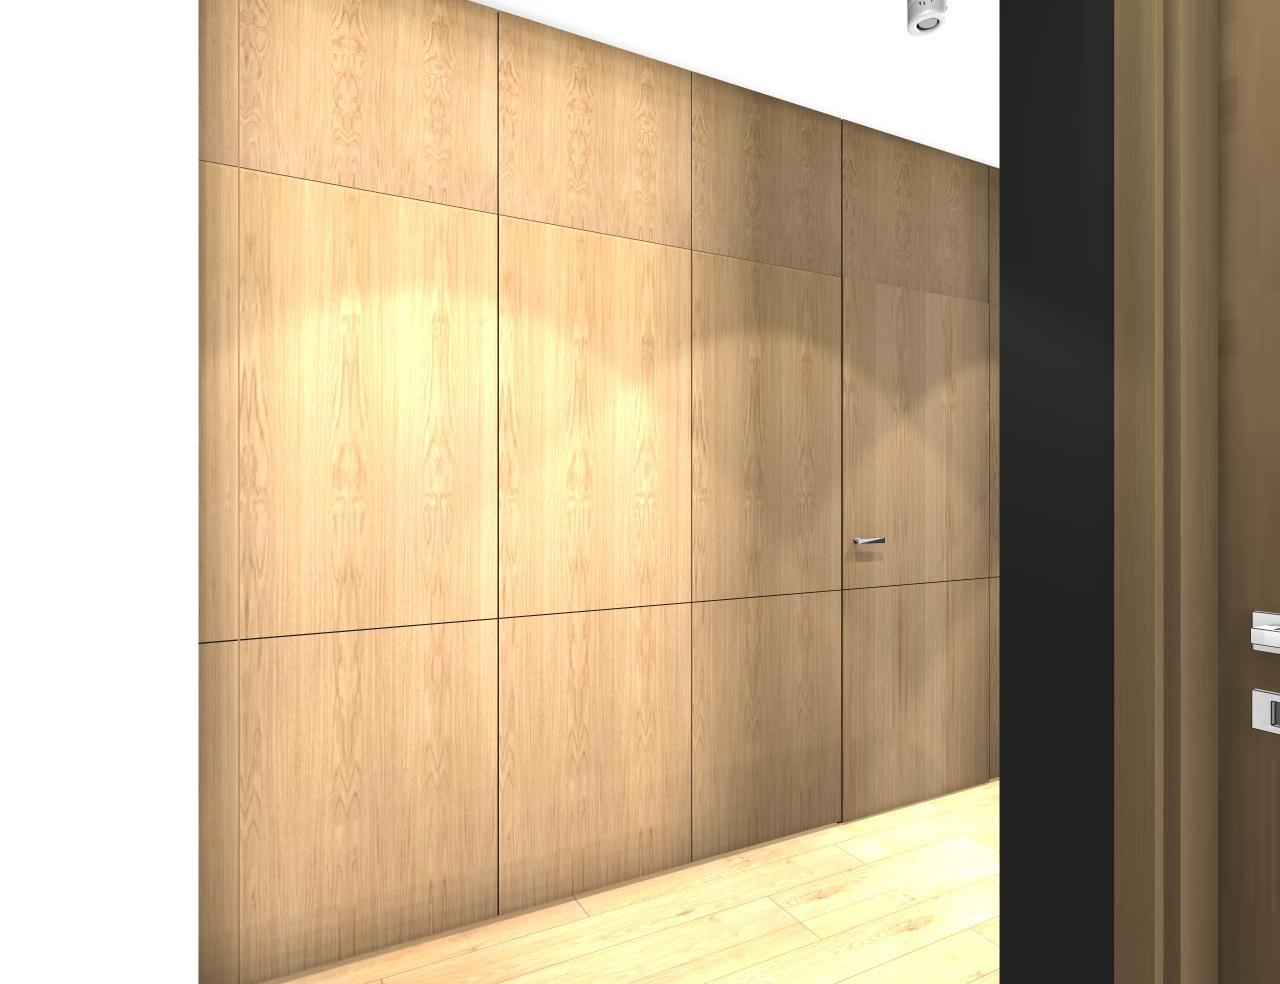 Grafické návrhy bytov - Zariadenie trojizbového bytu v BB - návrh vysokých skríň v prechodovej chodbe - obr.2